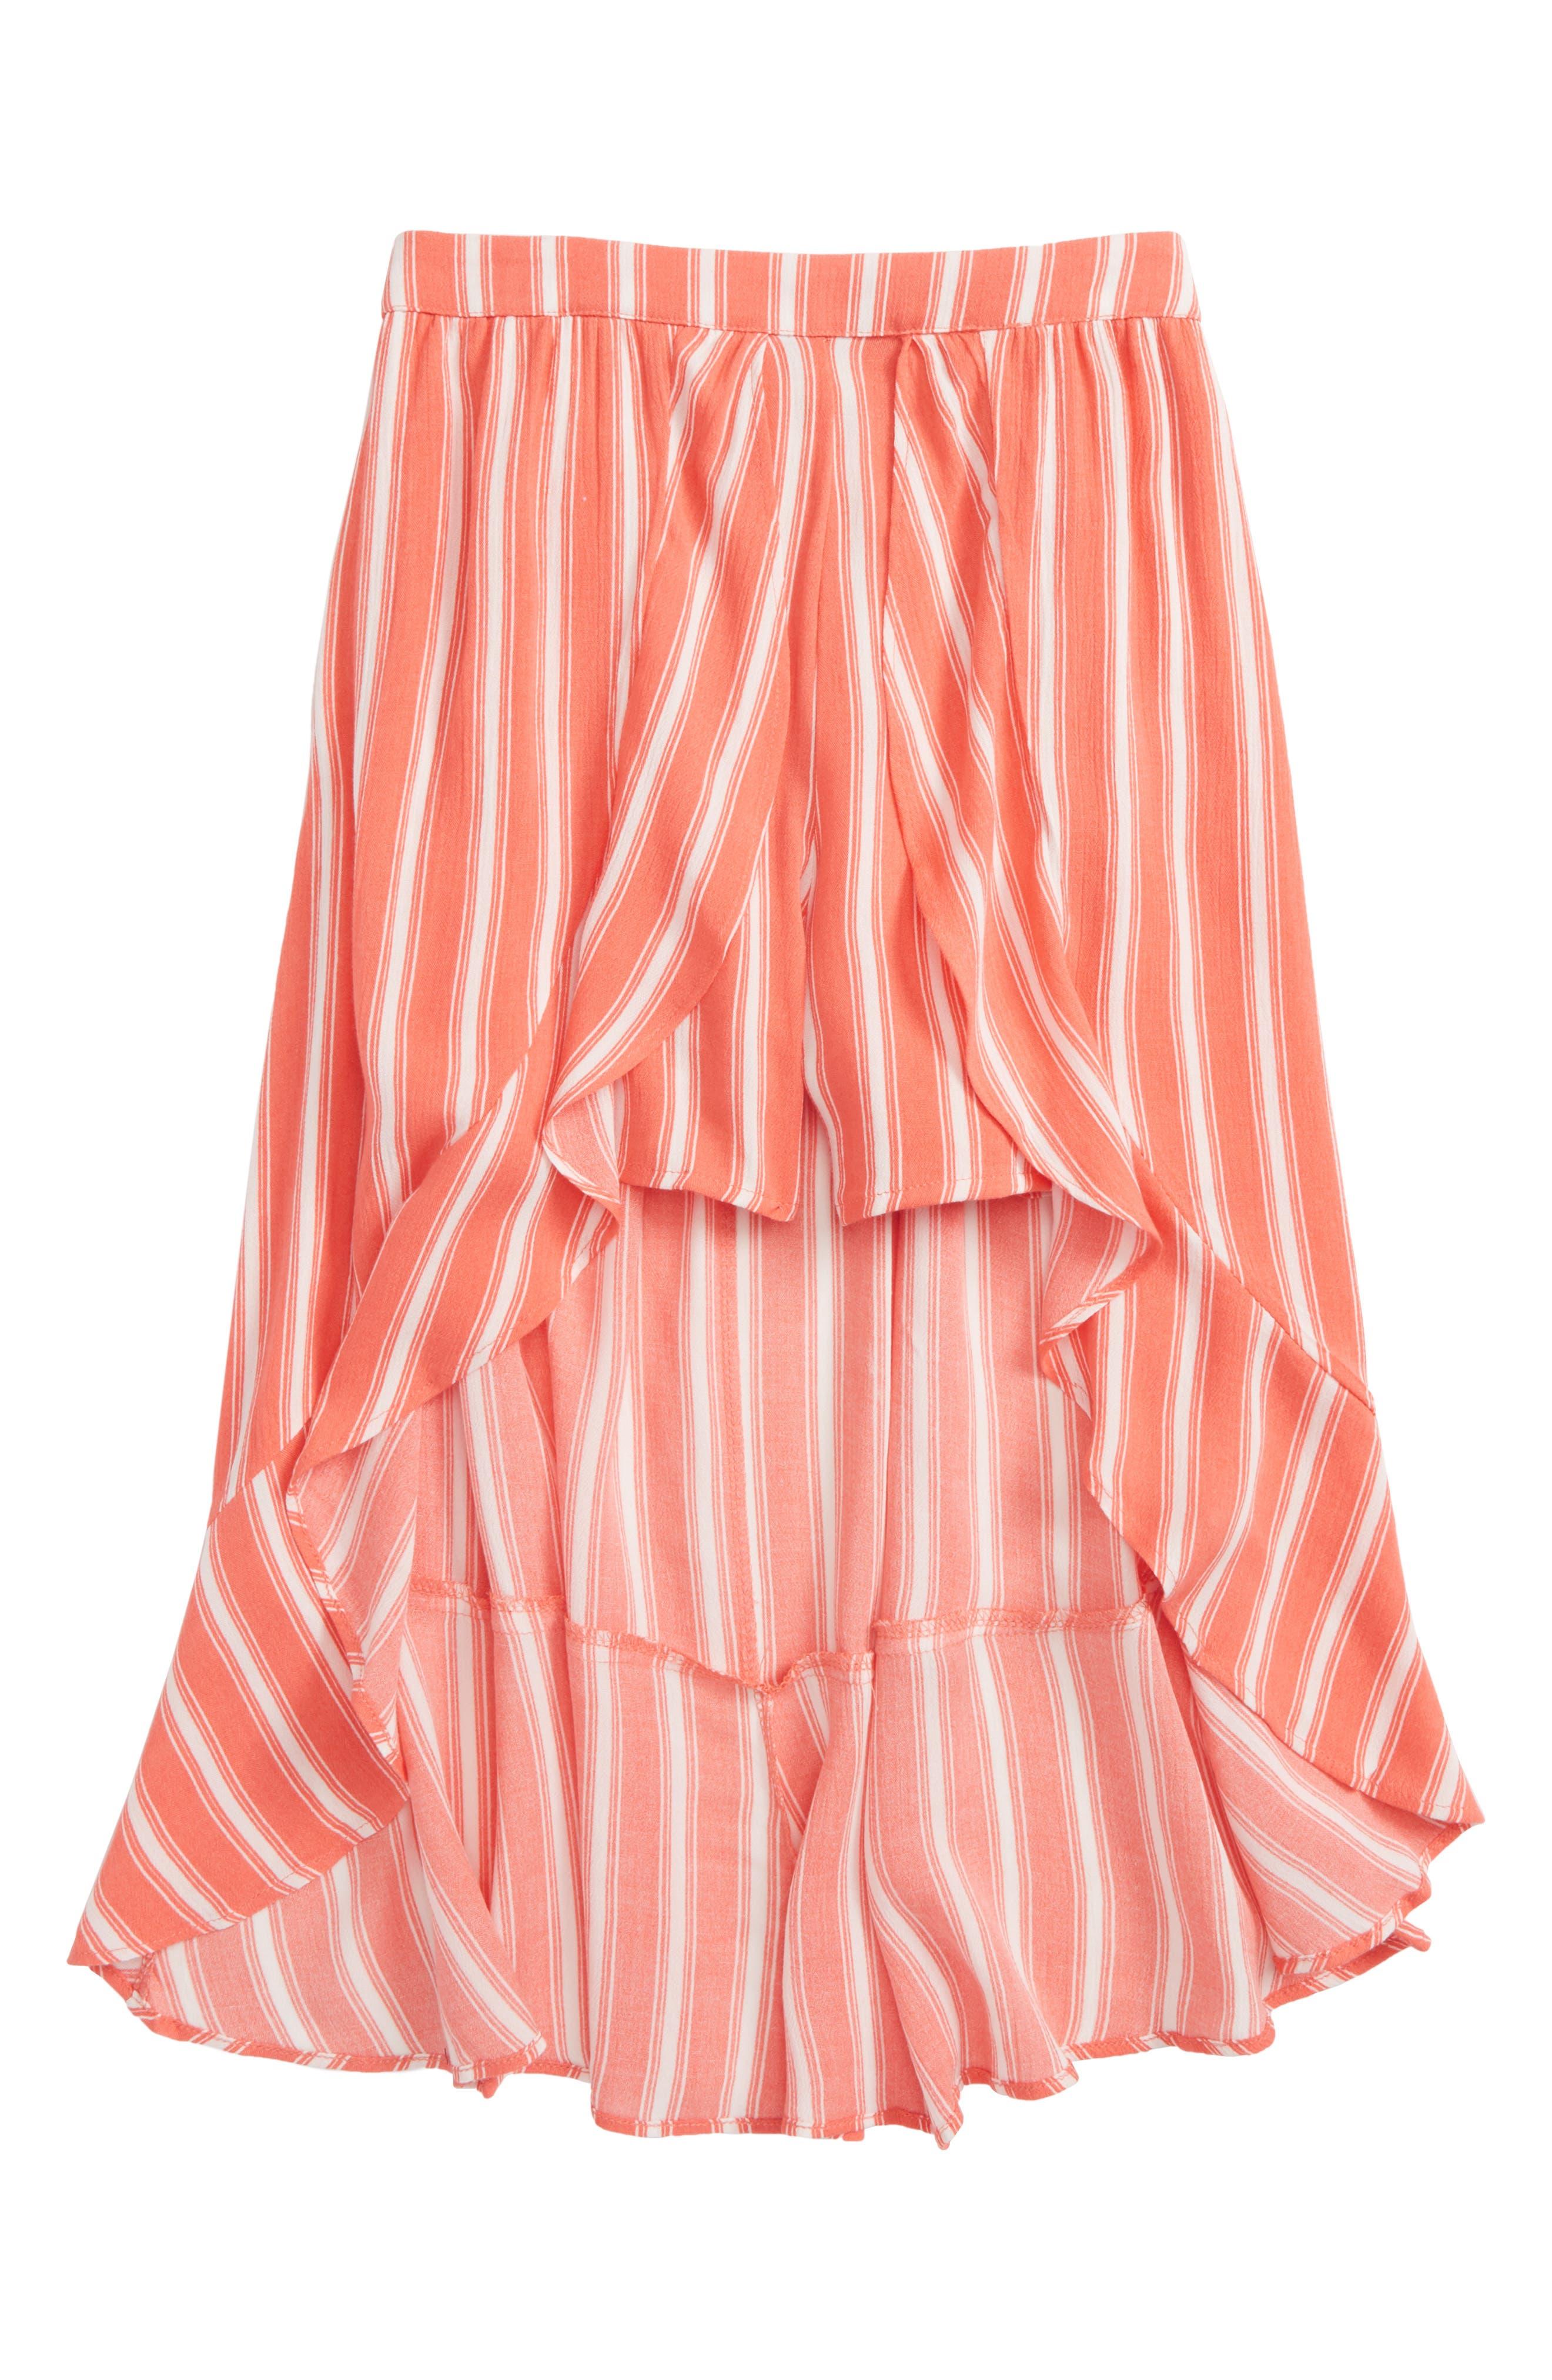 Stripe Walk Through Skirt,                             Main thumbnail 1, color,                             950